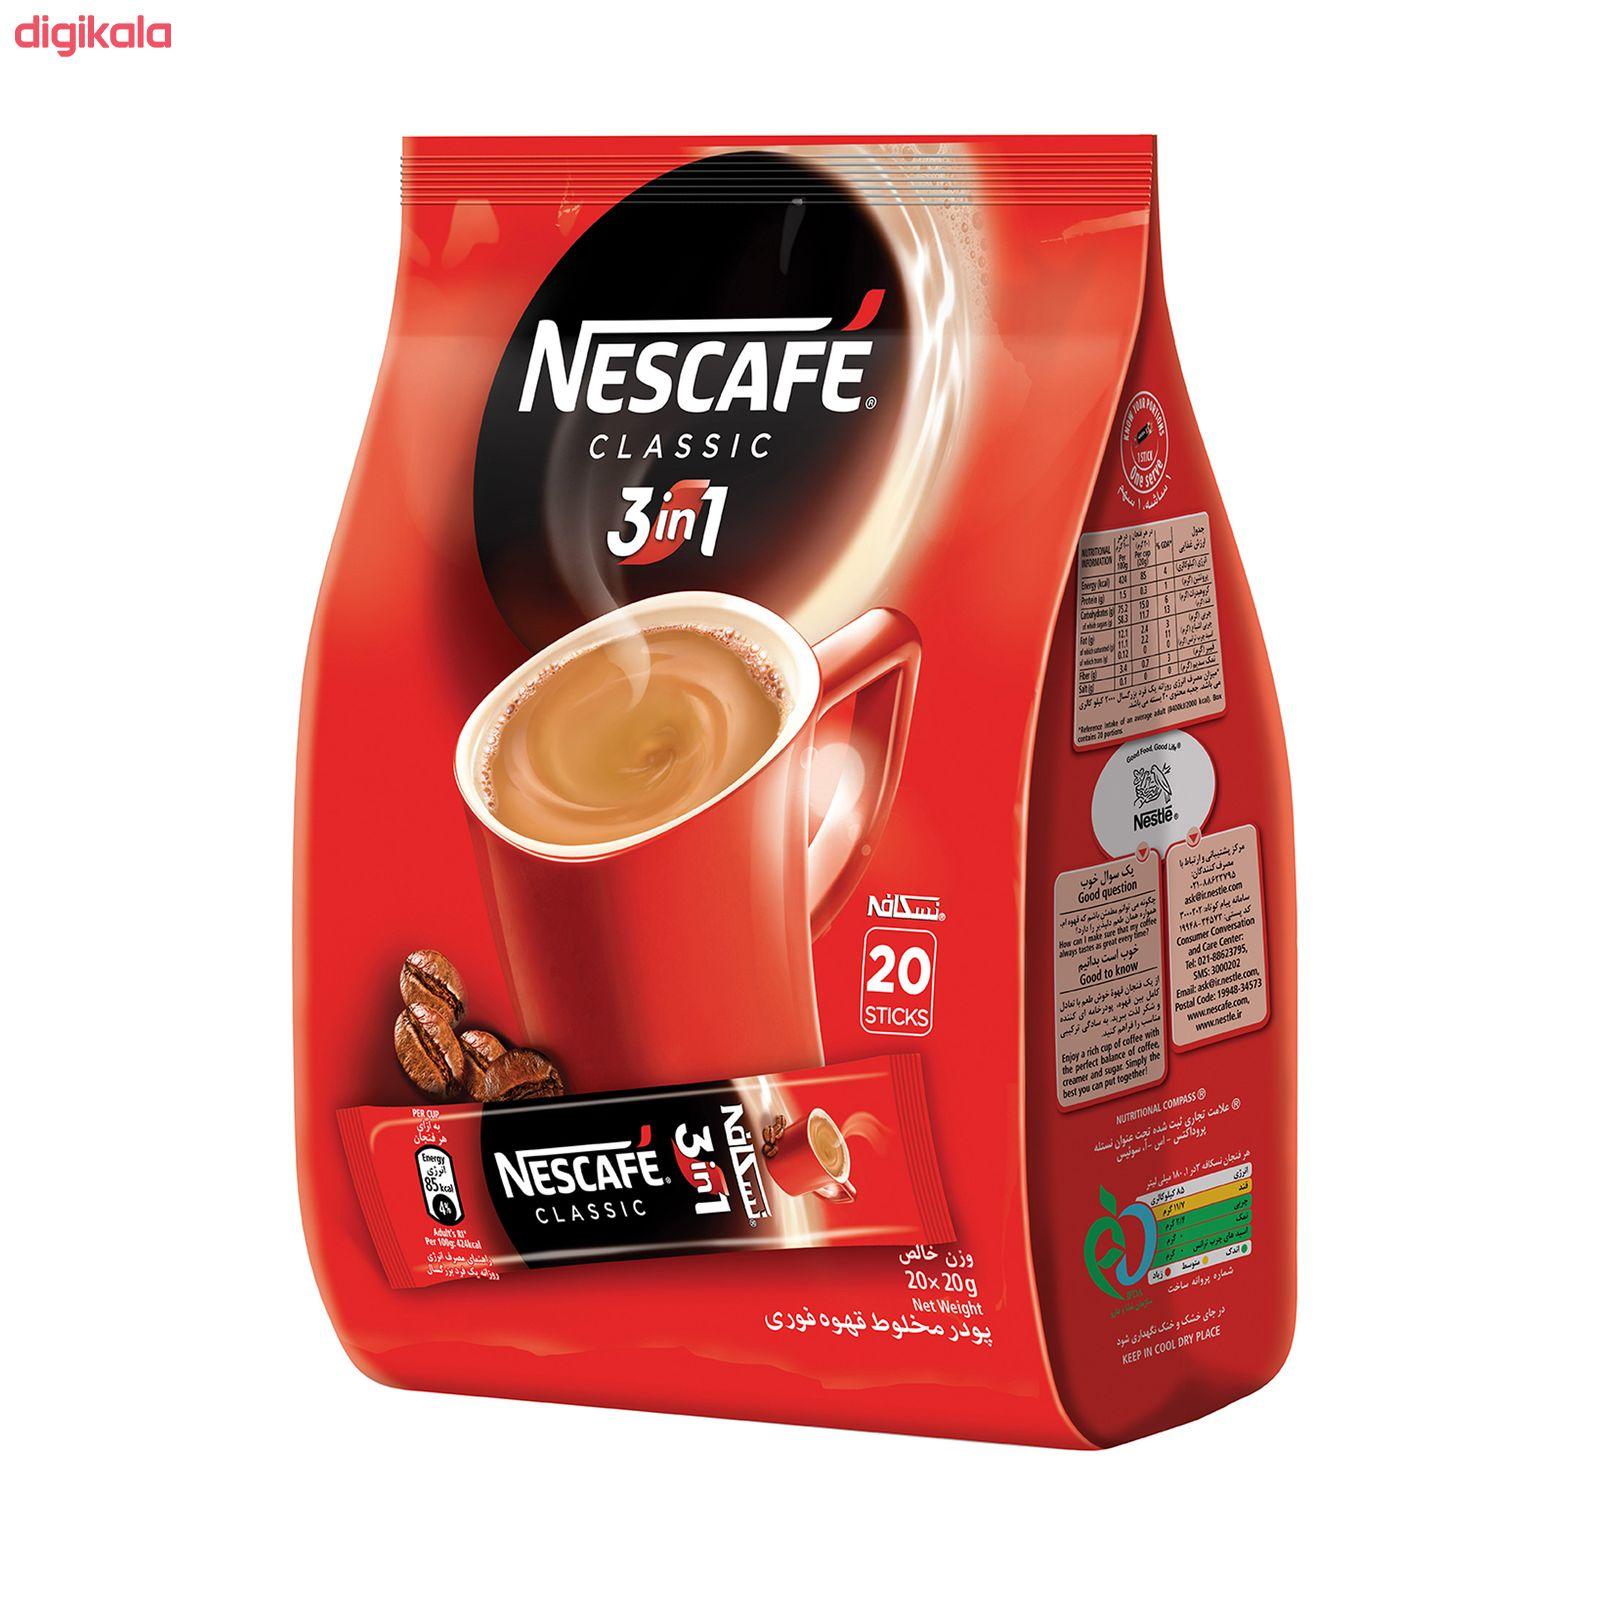 پودر قهوه فوری 1 × 3 نسکافه بسته 20 عددی main 1 8